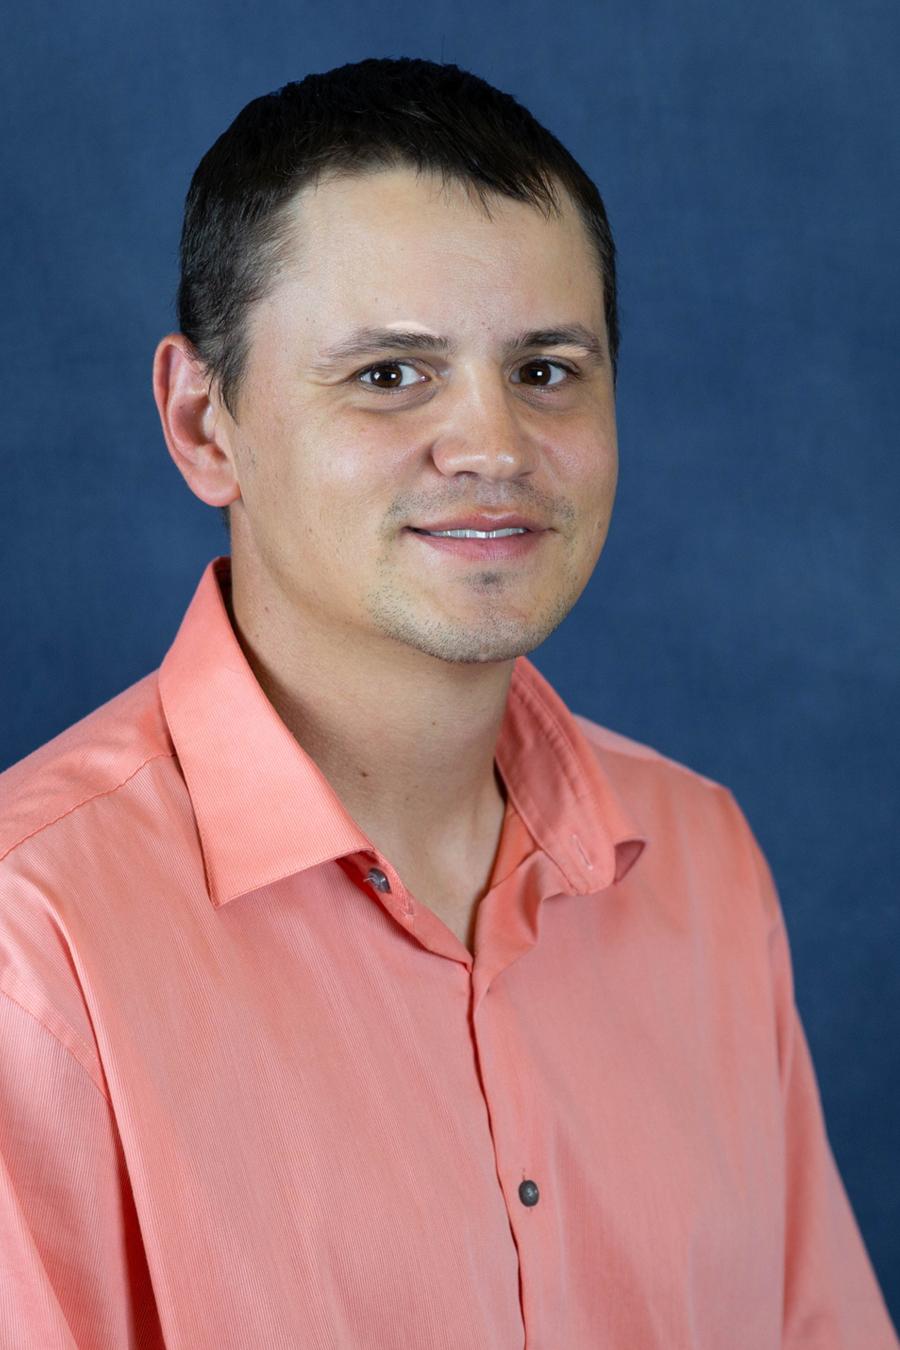 Dustin Froelich